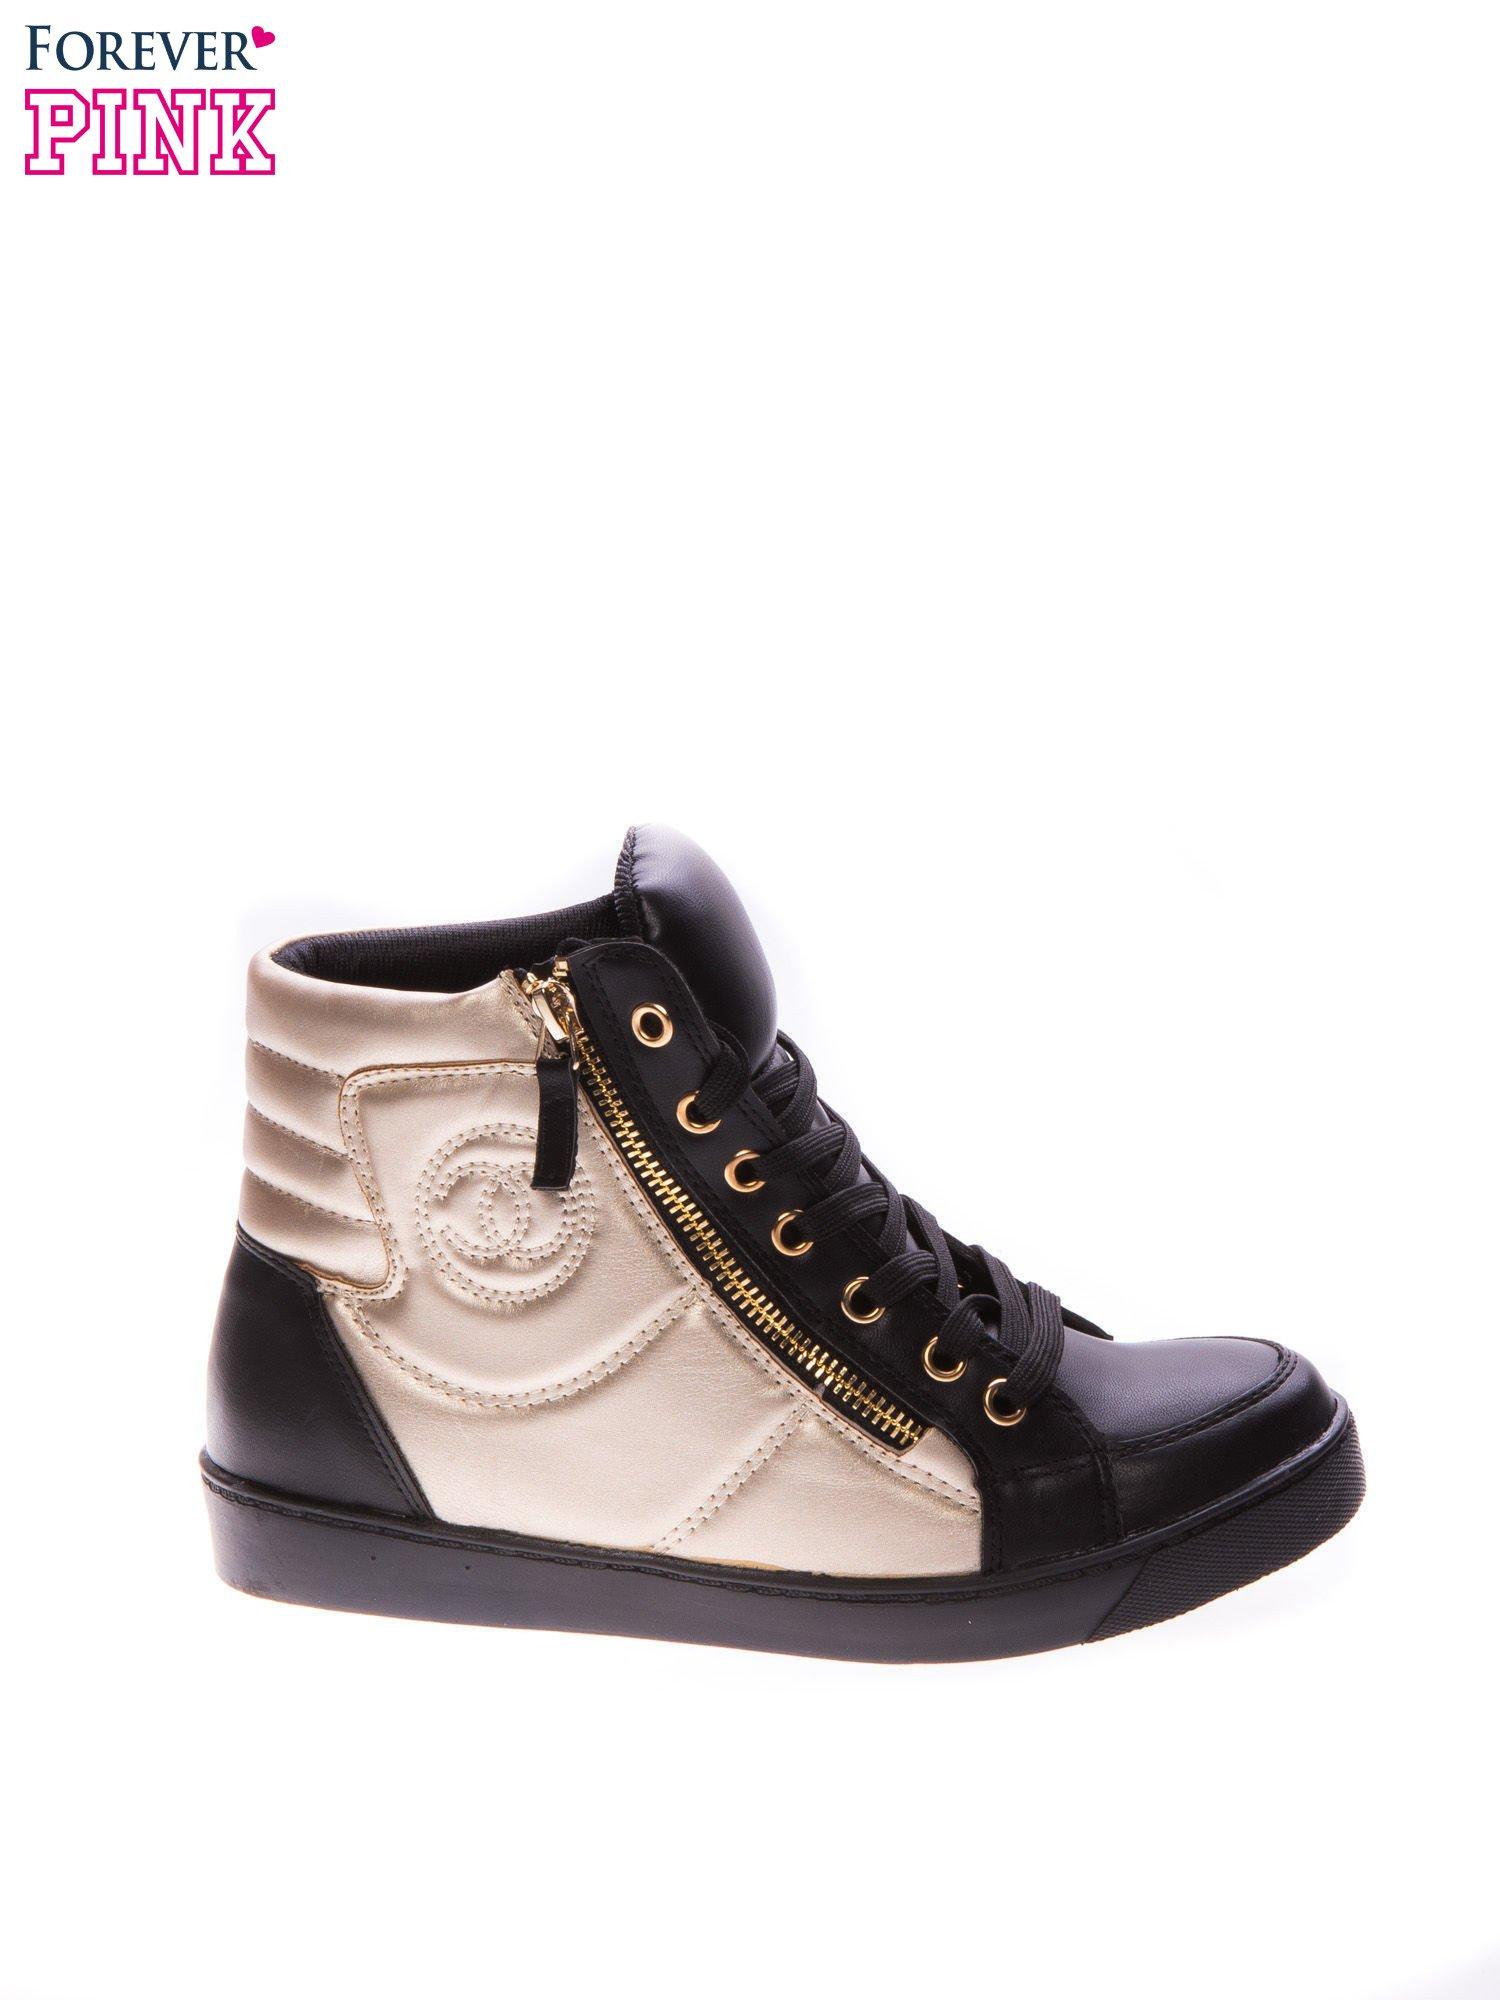 Czarne sneakersy za kostkę ze złotą wstawką i suwakiem                                  zdj.                                  1